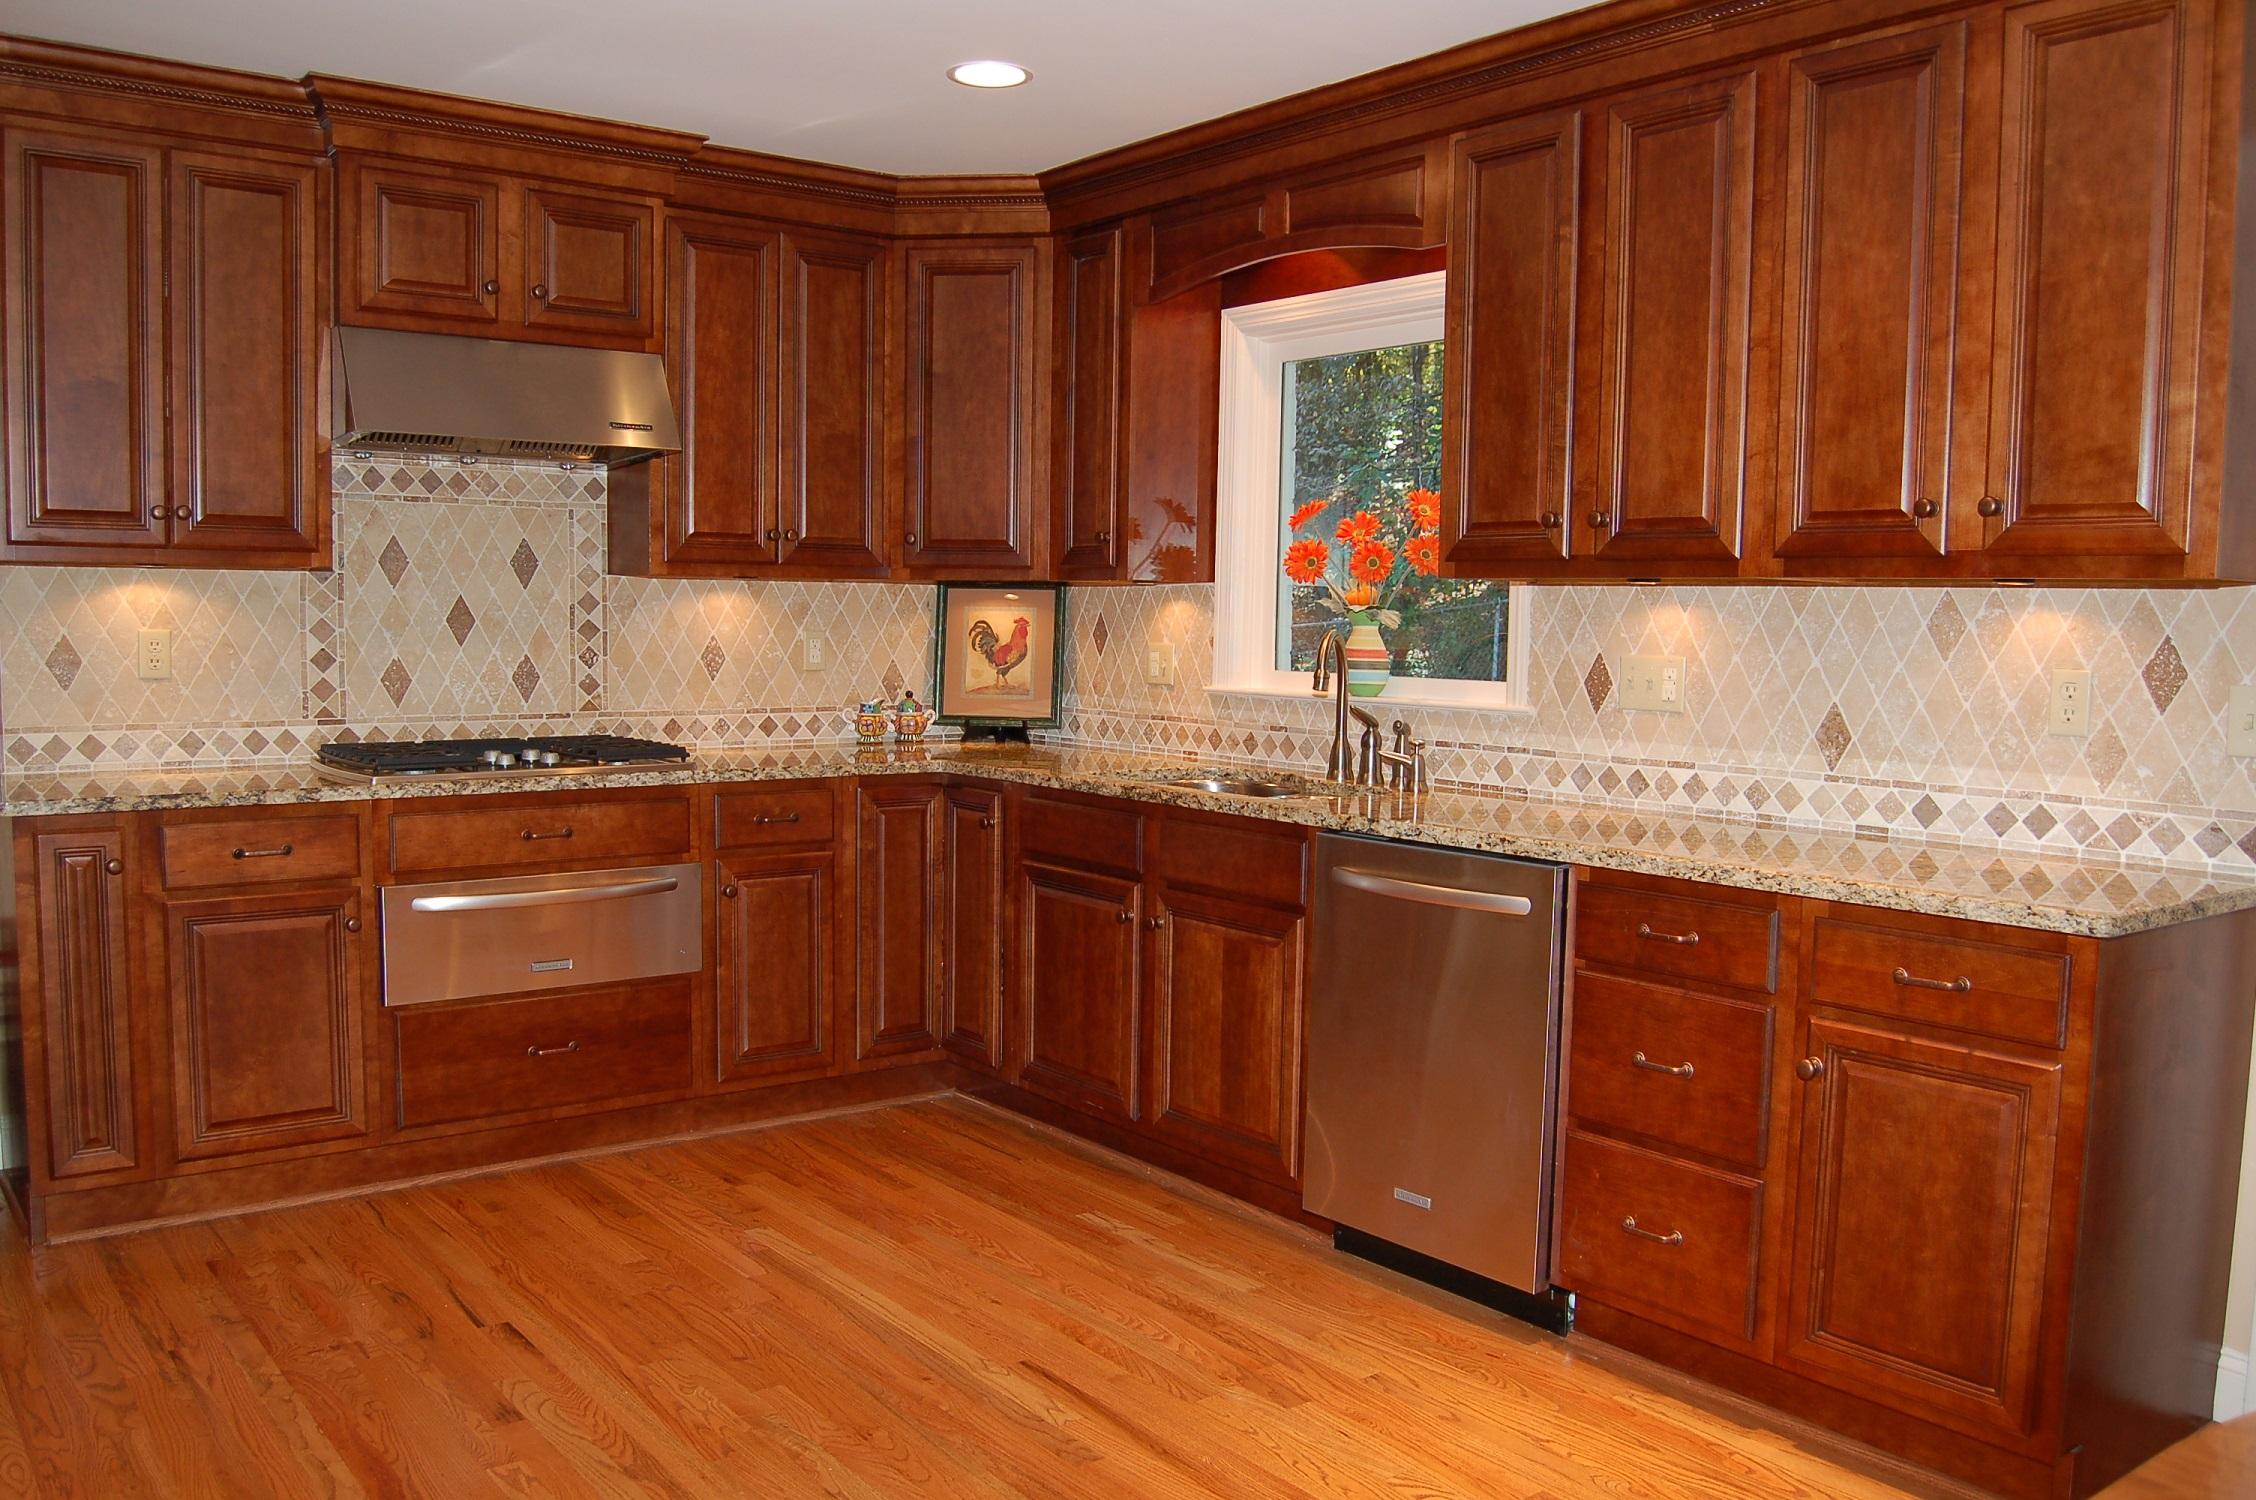 kitchen design ideas cabinets photo - 9